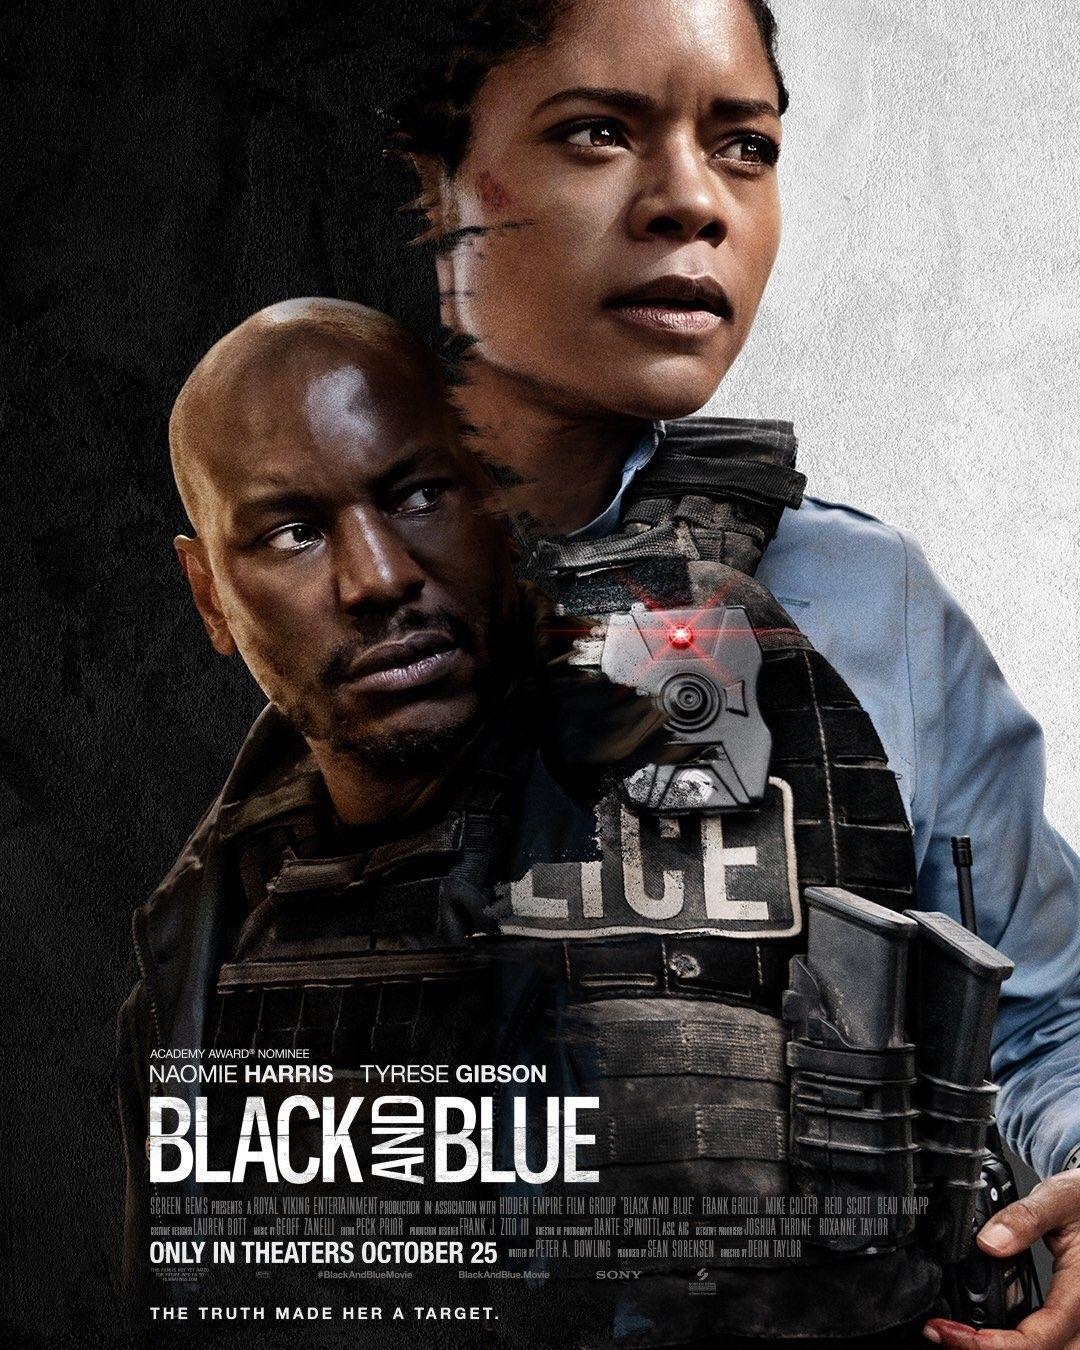 Black And Blue Poster Oficial Assistir Filmes Gratis Assistir Filmes Gratis Dublado Filmes Online Gratis